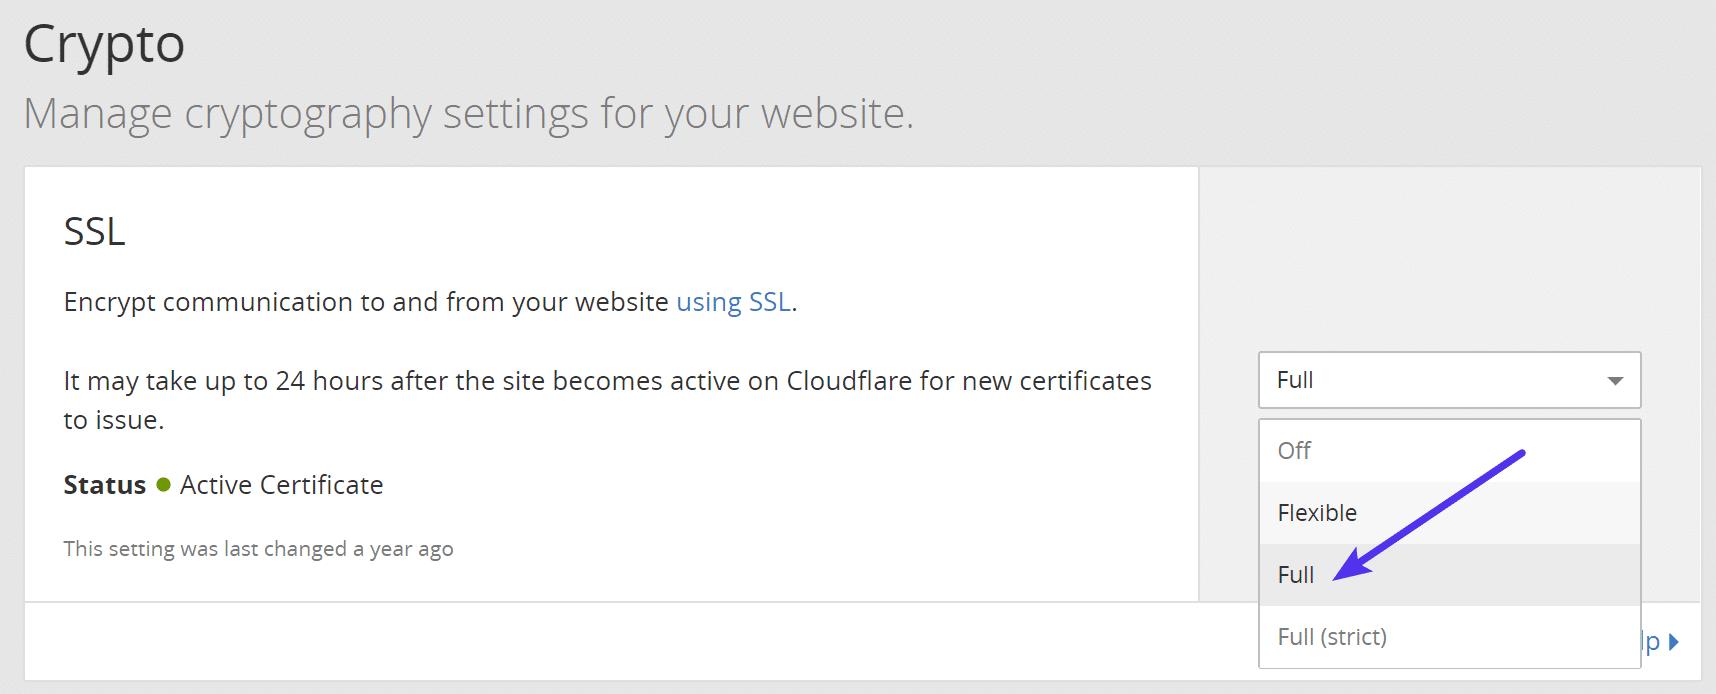 Sätt Cloudflare kryptonivå till fullständig